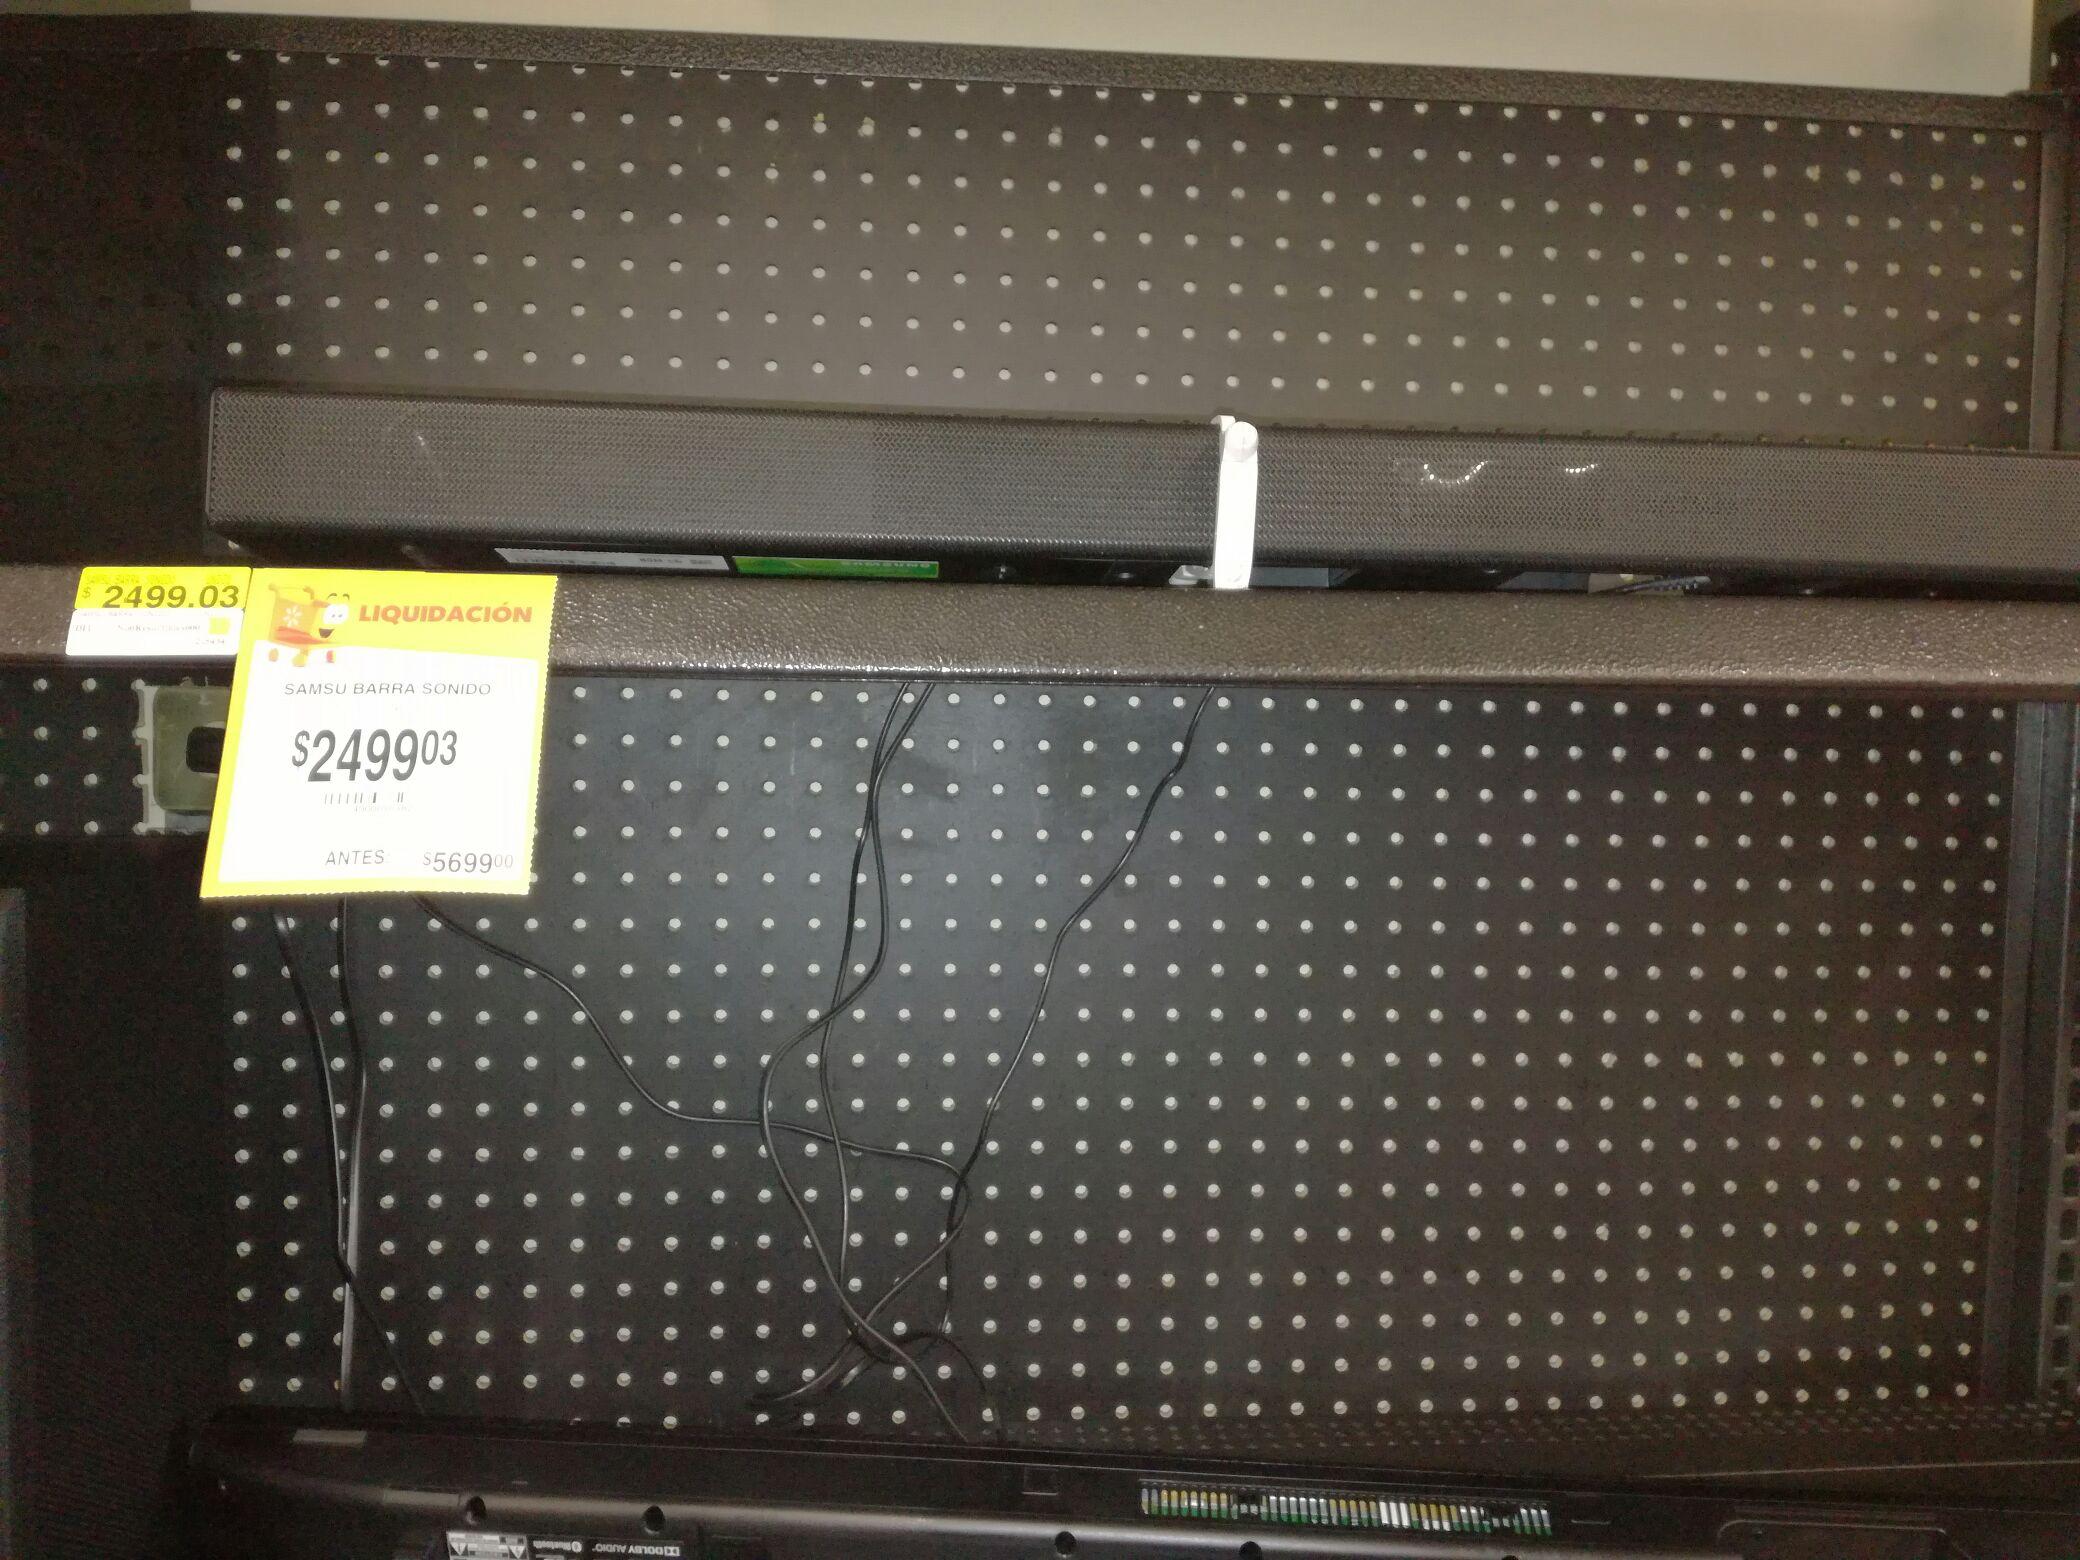 Walmart: Barra de sonido Samsung a $2,499.03